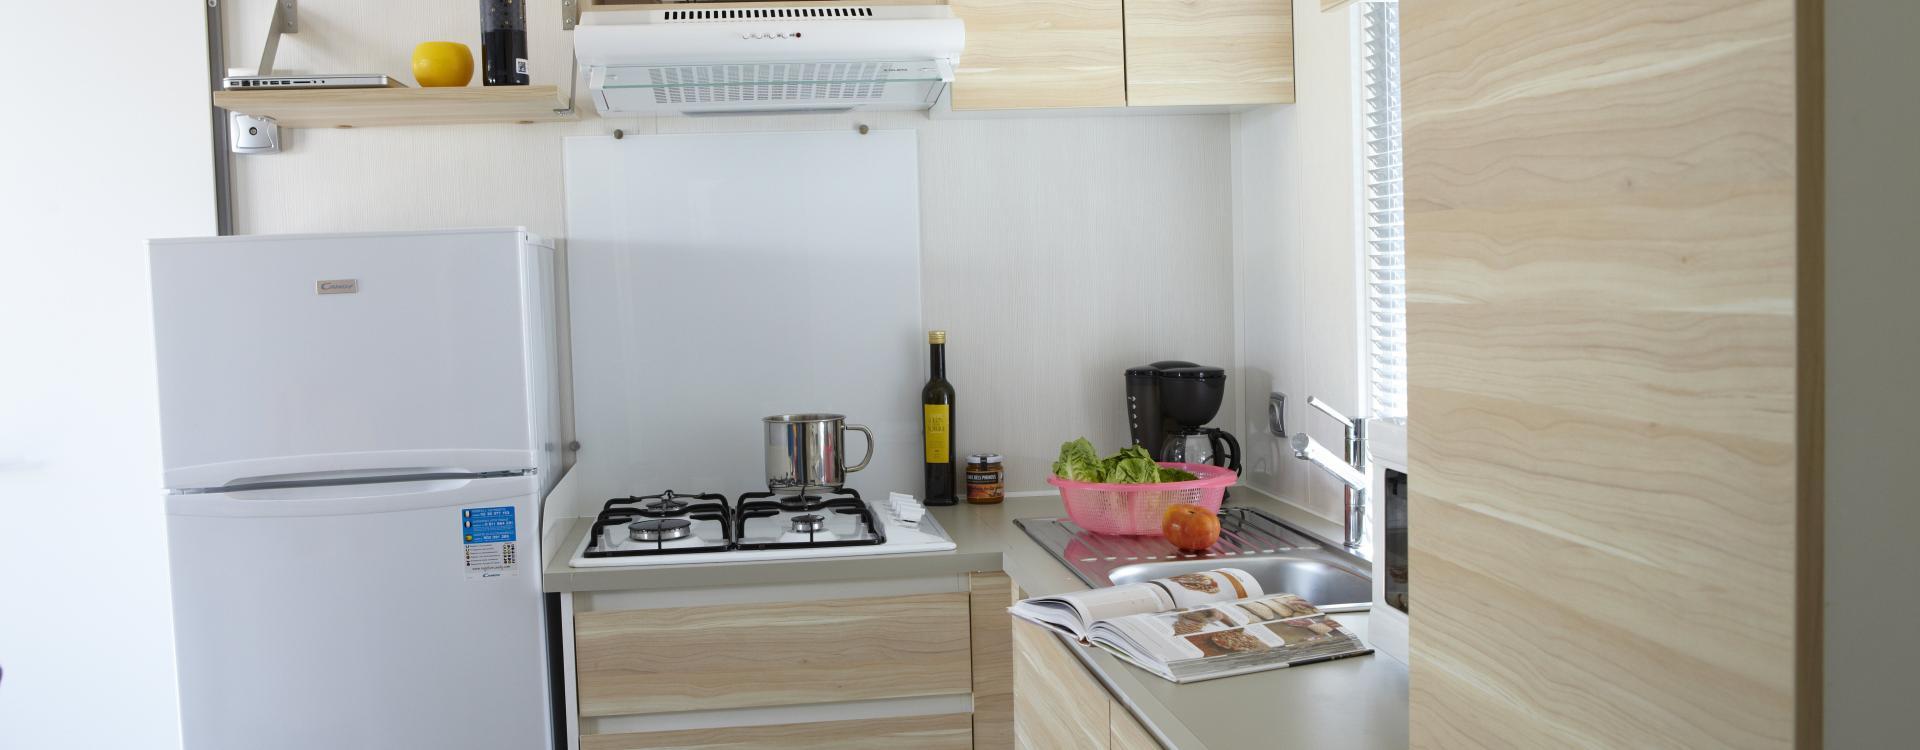 Keuken van de stacaravan Riuet Camping Valldaro Costa Brava